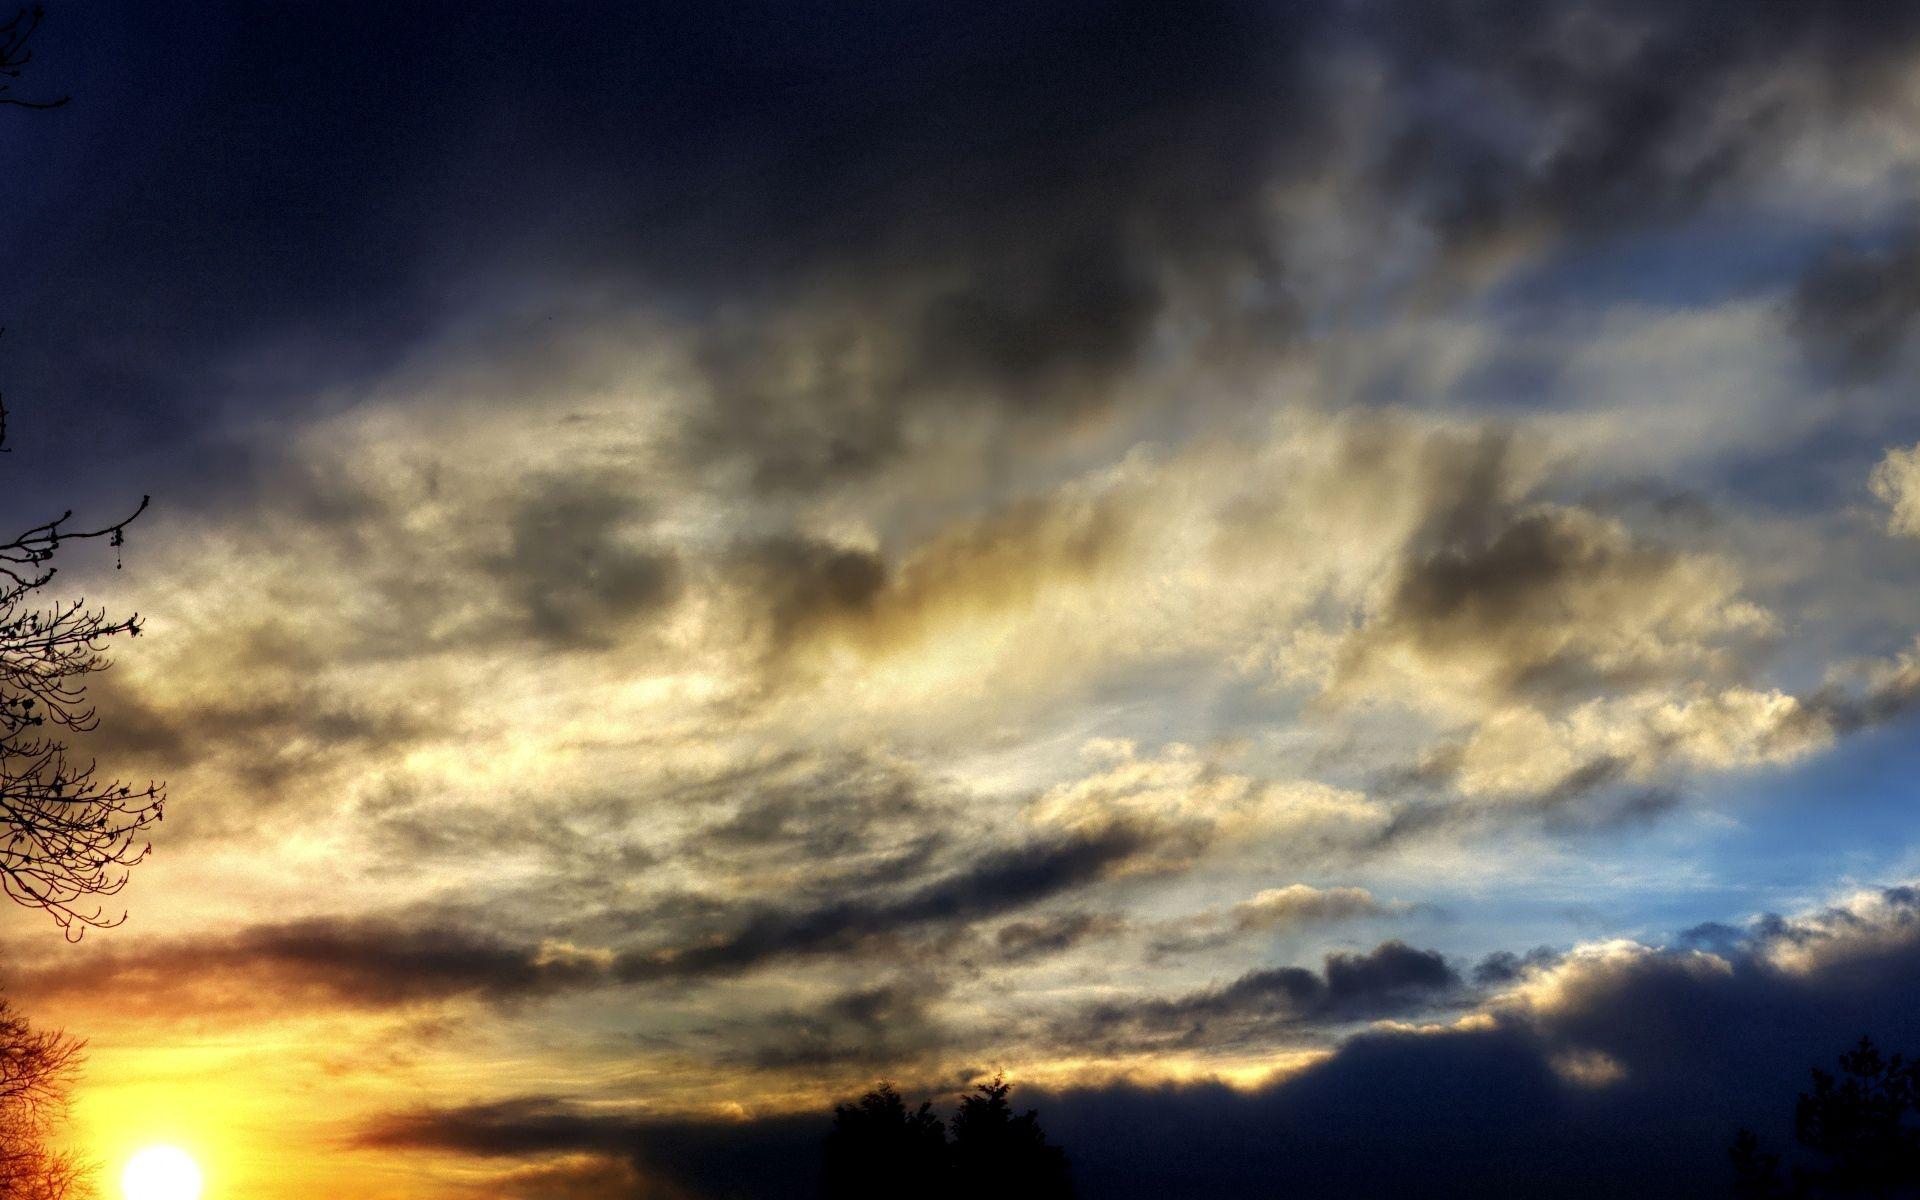 60539 скачать обои Природа, Тени, Небо, Облака, Вечер, Закат, Сумерки - заставки и картинки бесплатно